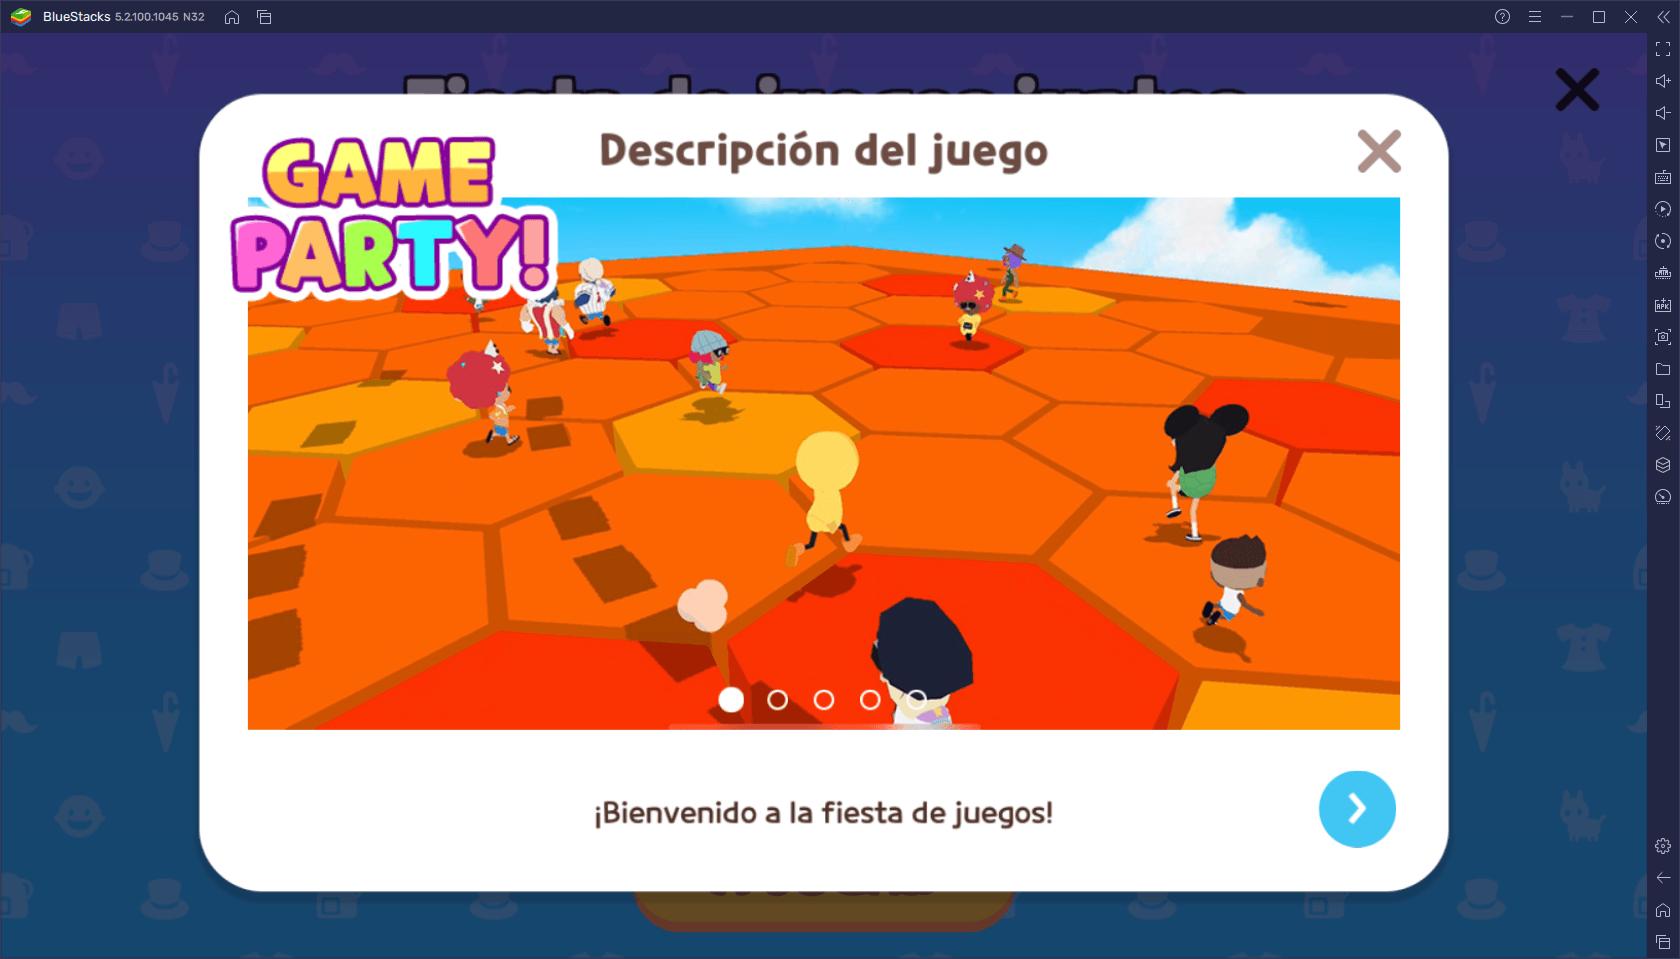 Play Together en PC – Los Mejores Trucos y Consejos Para Ganar en la Fiesta de Juegos